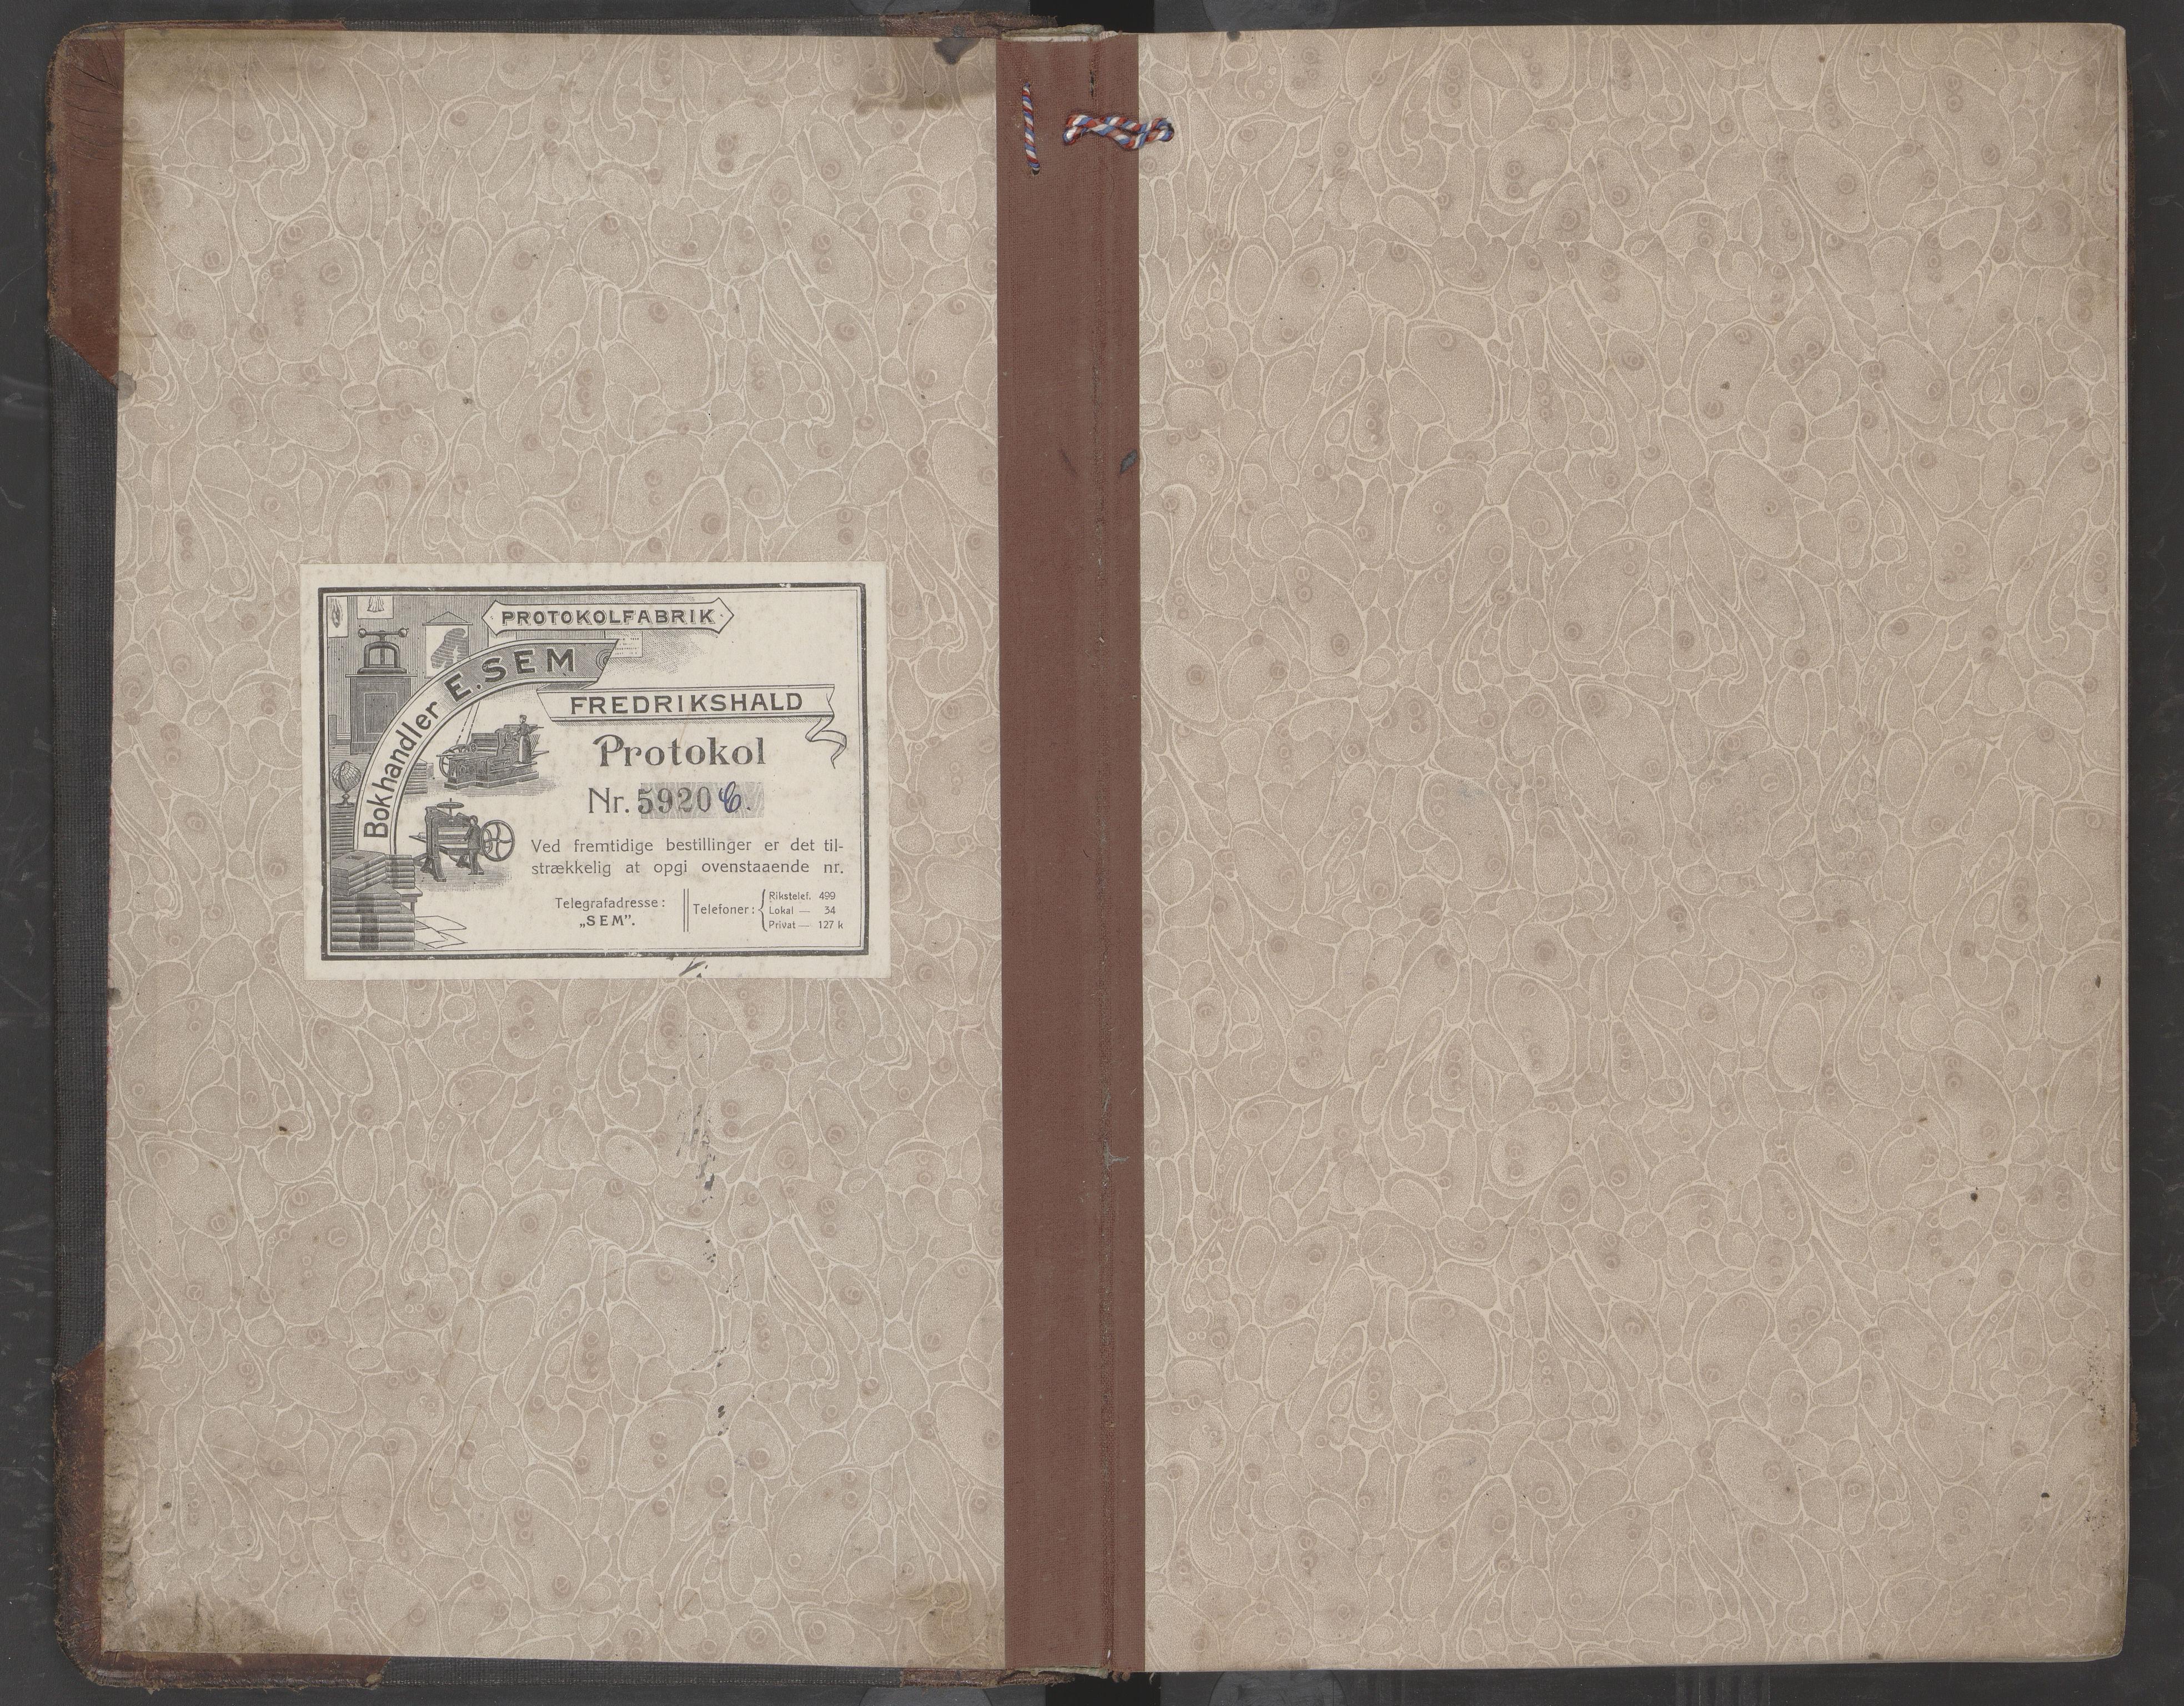 AIN, Nesna kommune. Formannskapet, 100/L0006: Møtebok, 1912-1918